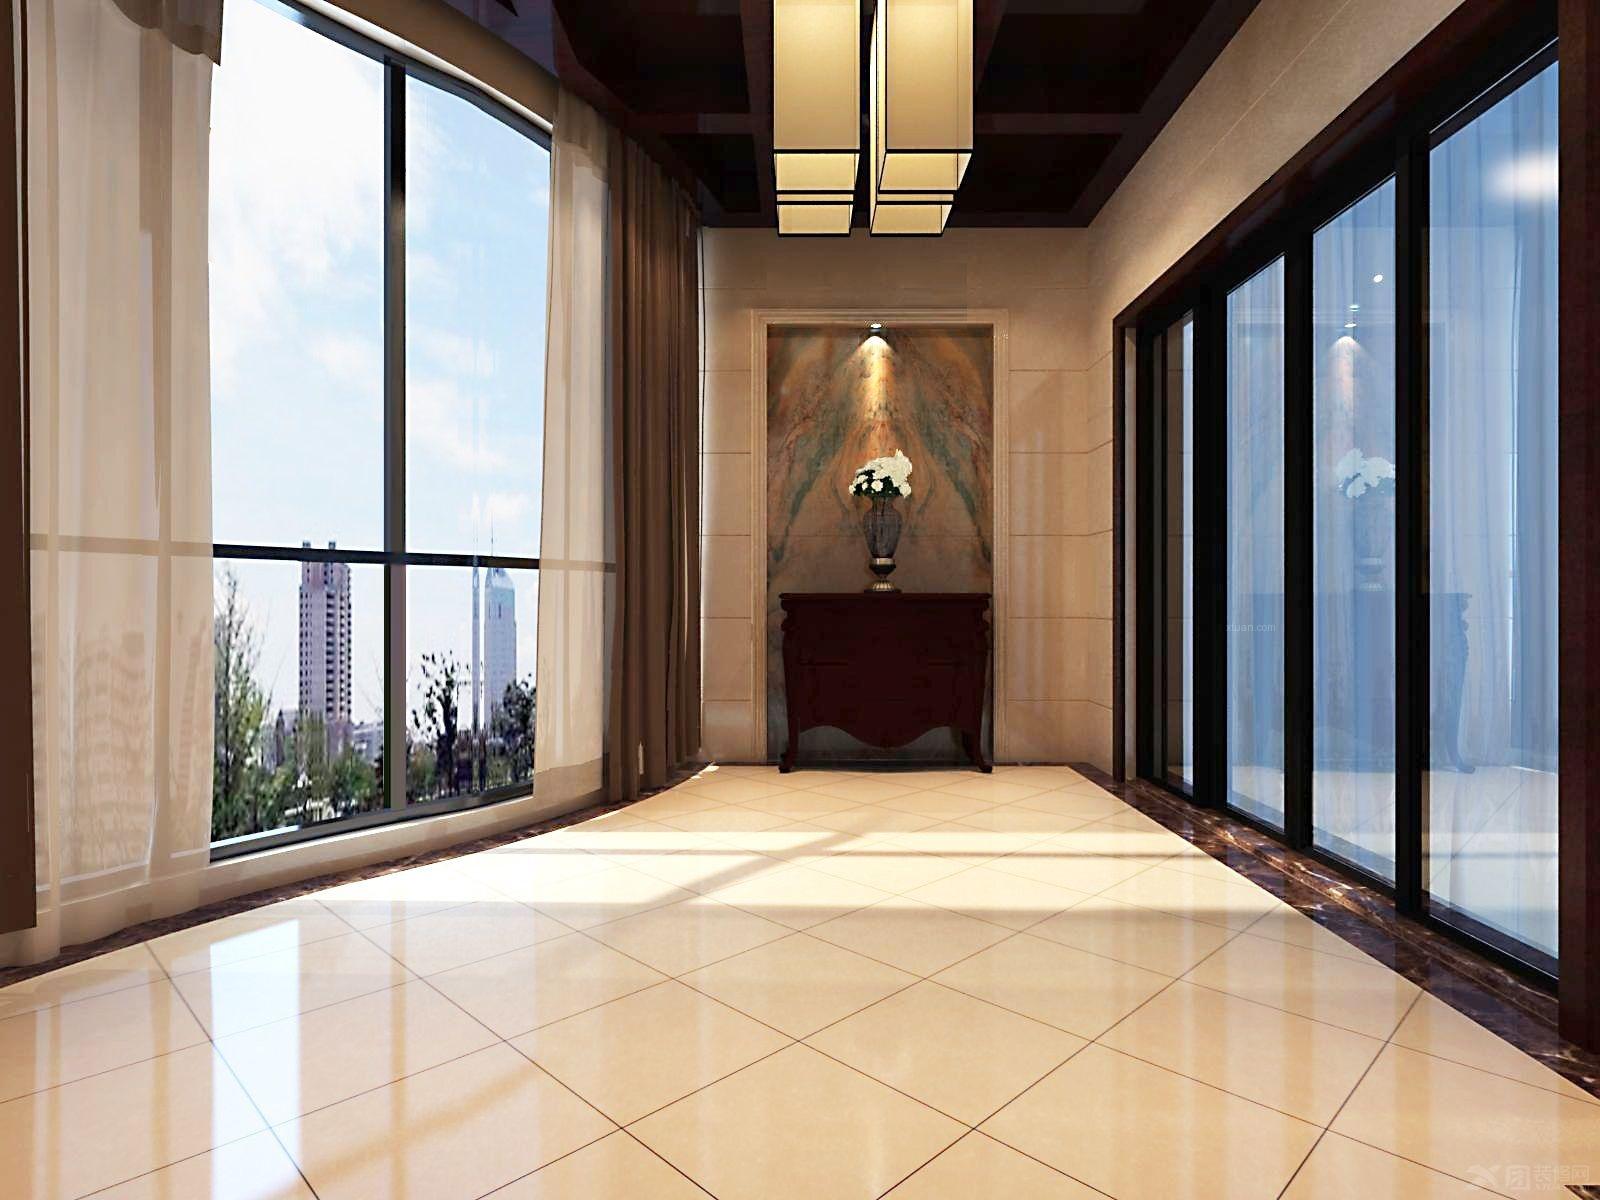 玄关装修效果图 彩色艺术玻璃蒂凡尼复古鹦鹉阳台吊灯 过道玄关走廊吊